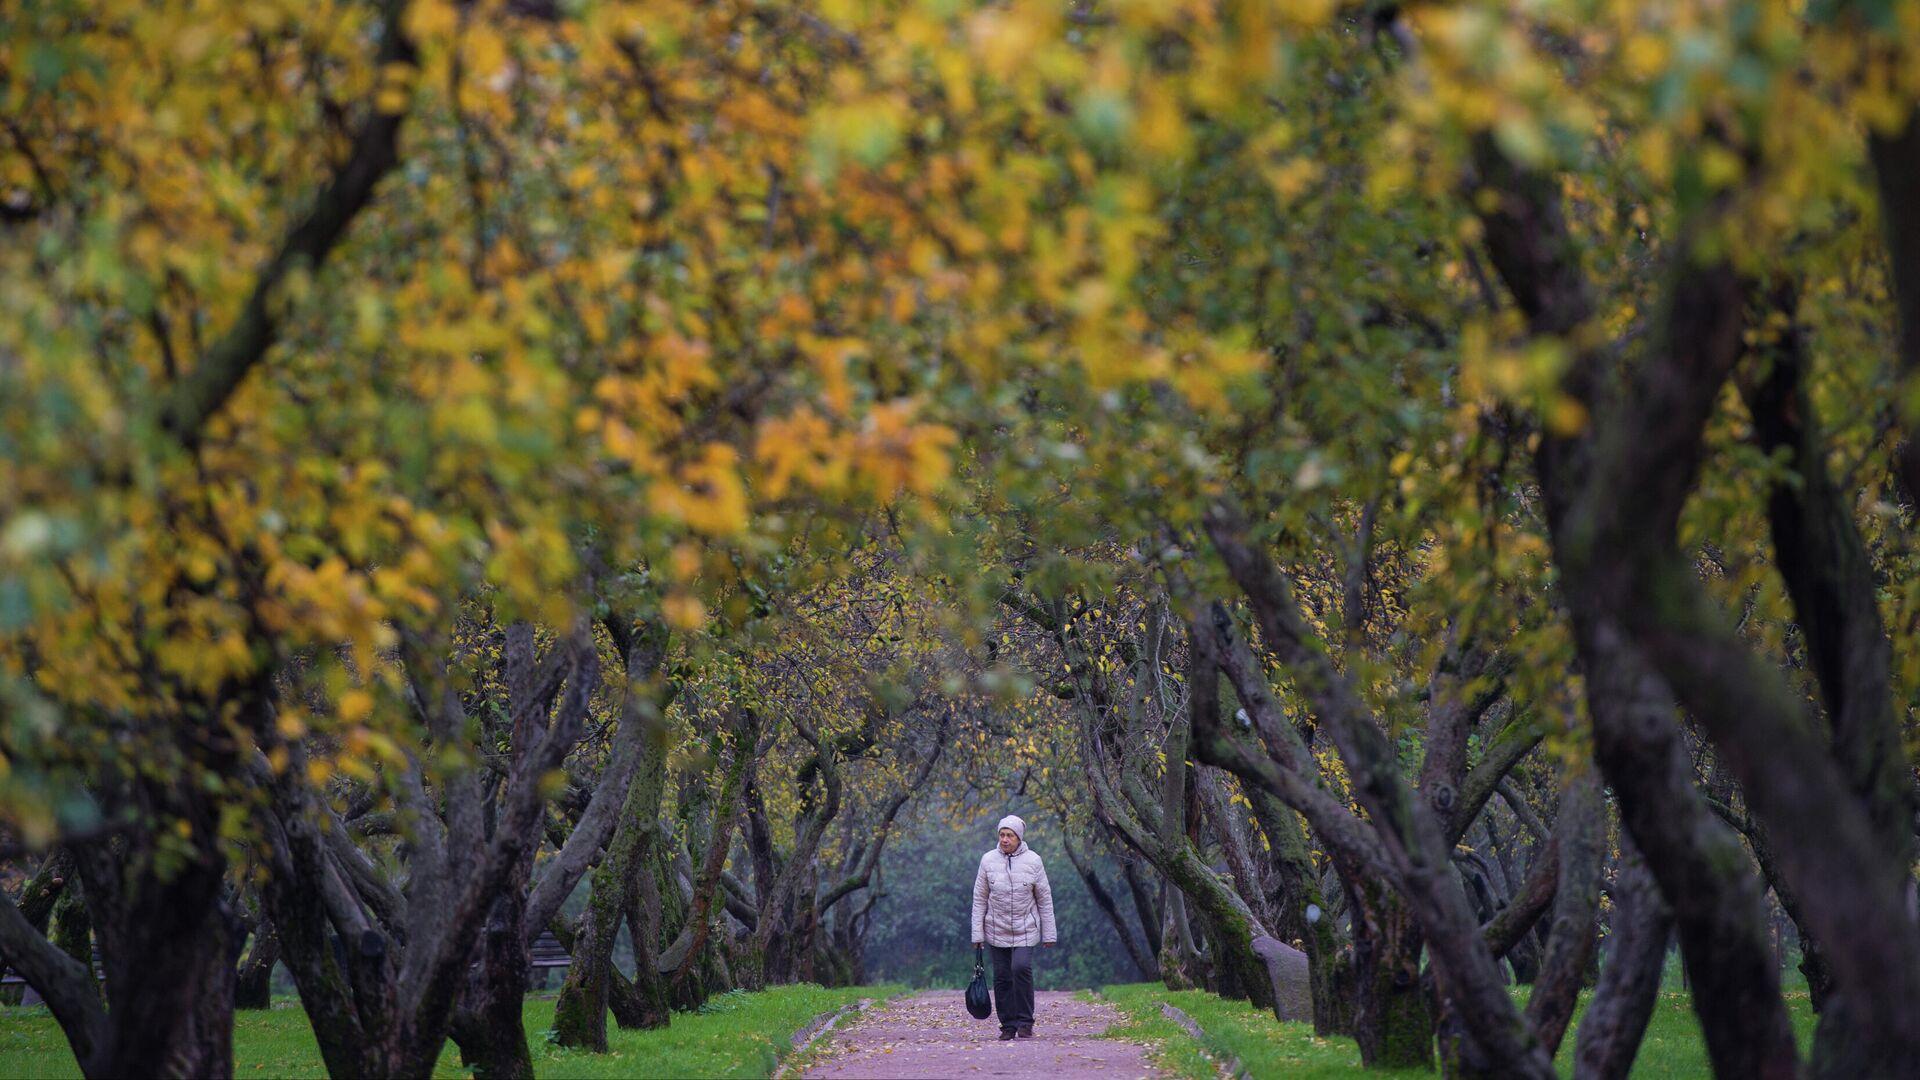 Женщина гуляет по яблоневому саду - РИА Новости, 1920, 27.09.2021